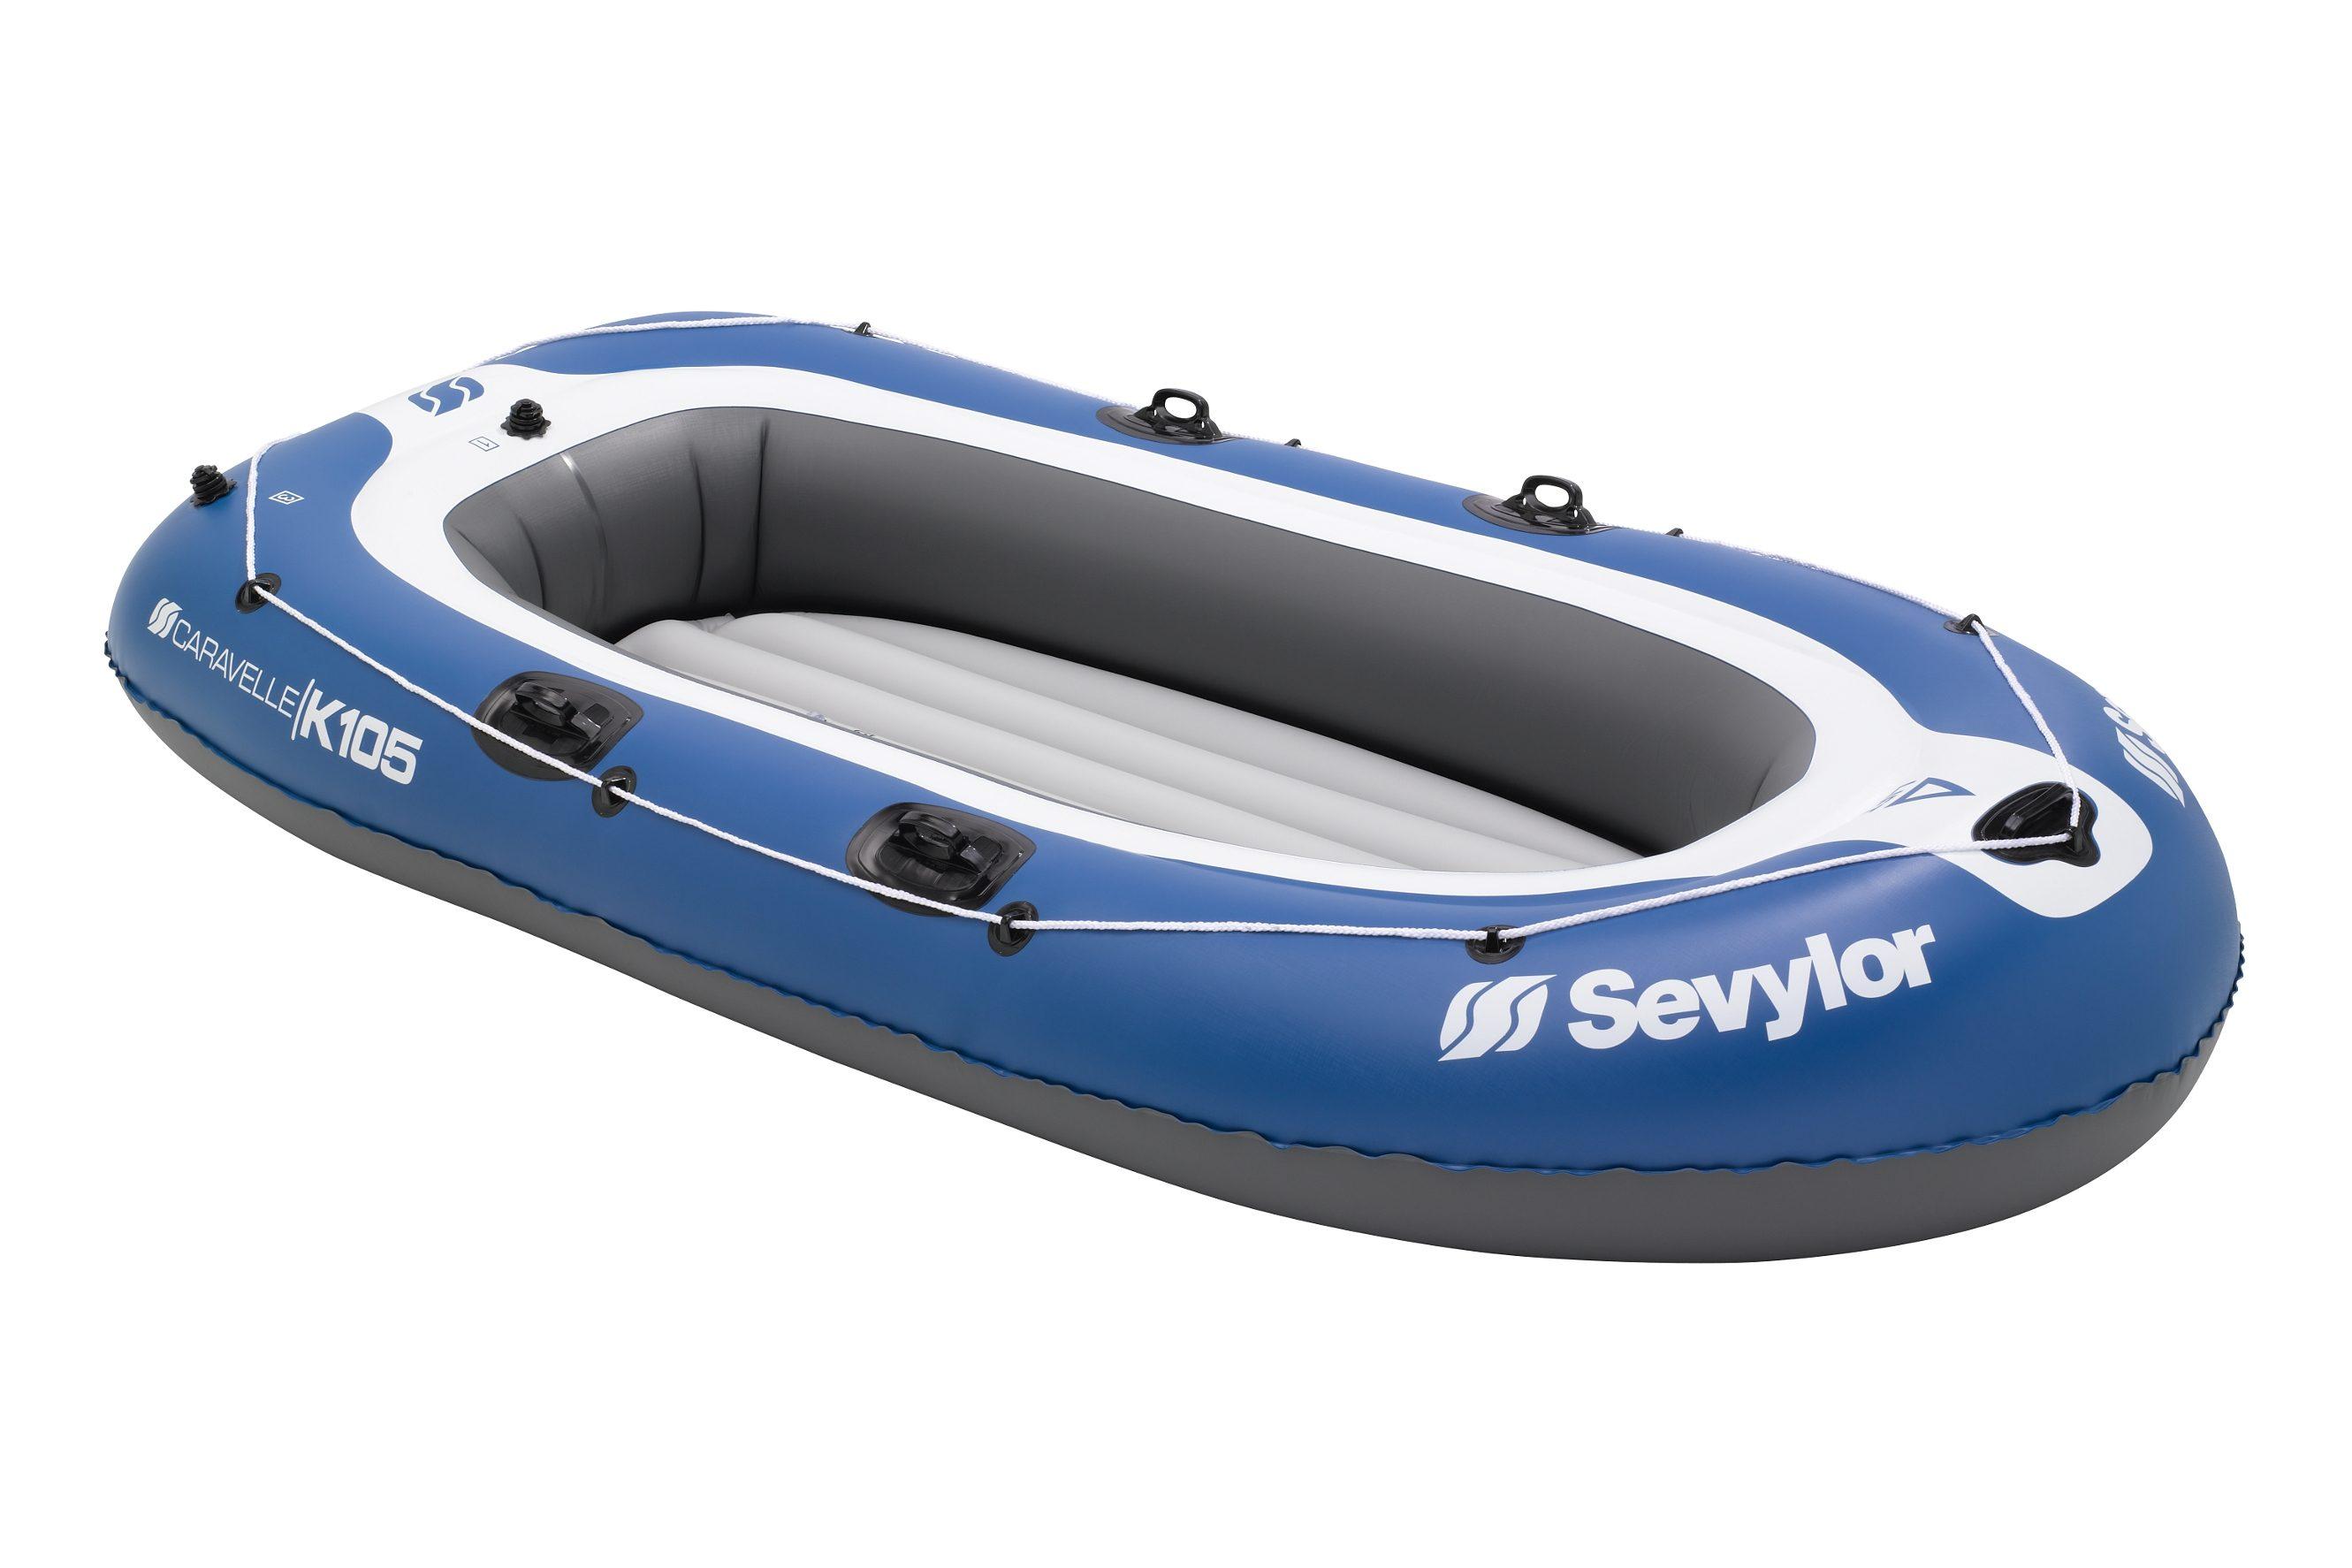 Sevylor Schlauchboot »Caravelle K105 Schlauchboot«